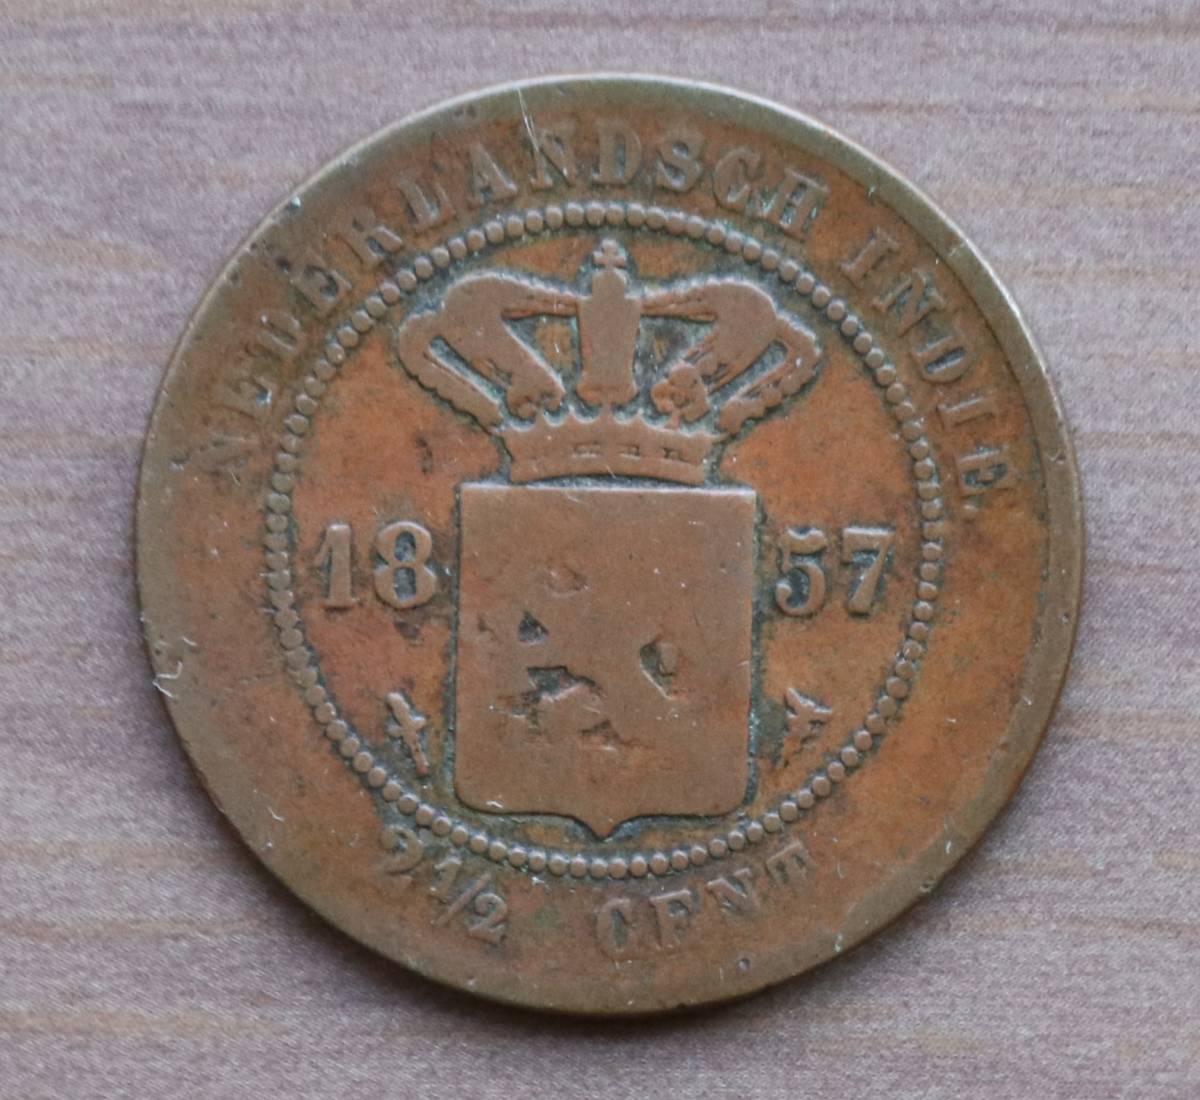 オランダ領東インド 2 1/2セント 1857年 直径30.82mm 量目11.63g